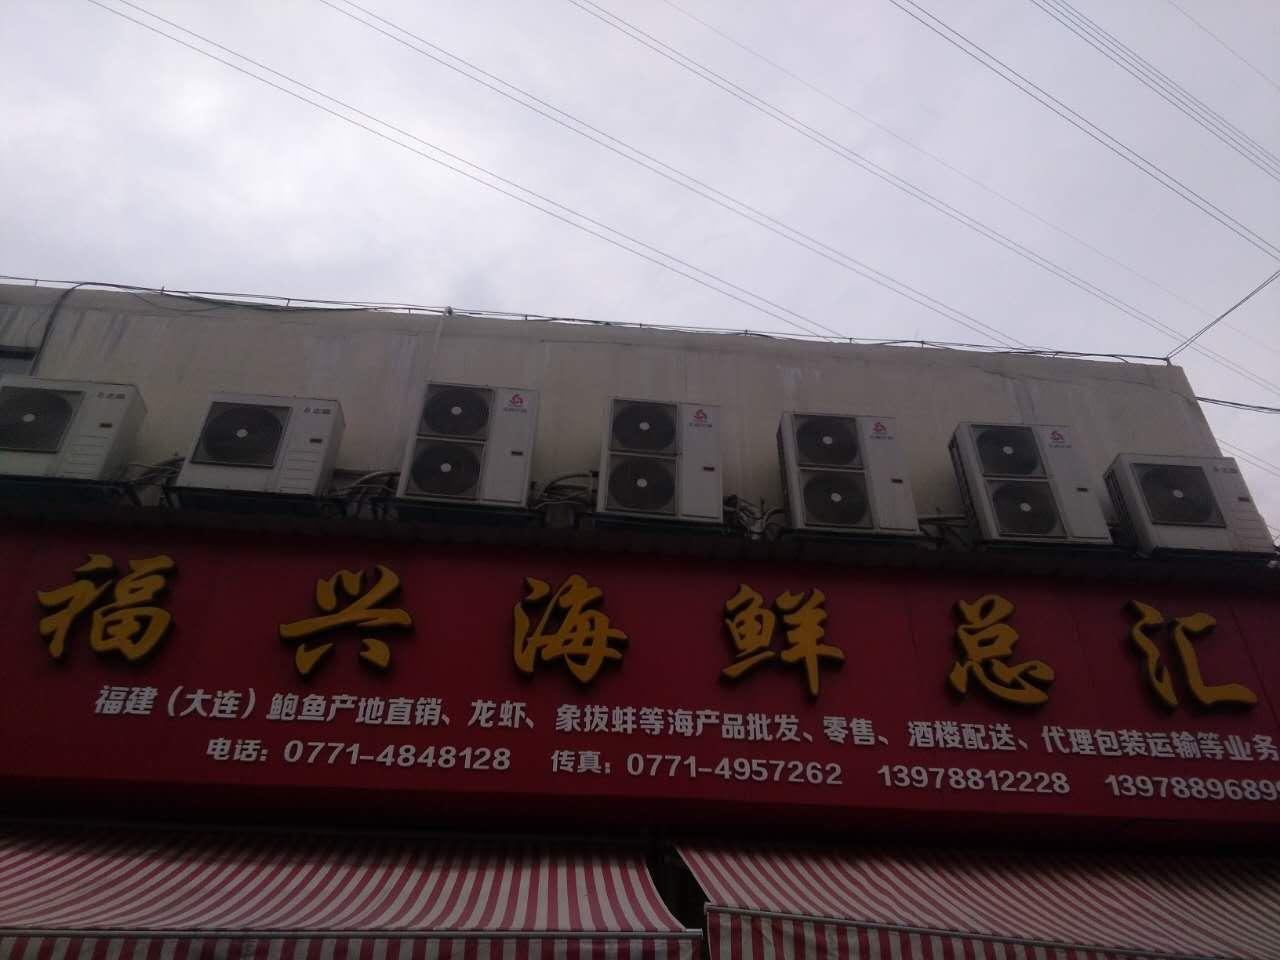 梧州福兴海鲜大酒店海鲜池设备安装工程案例